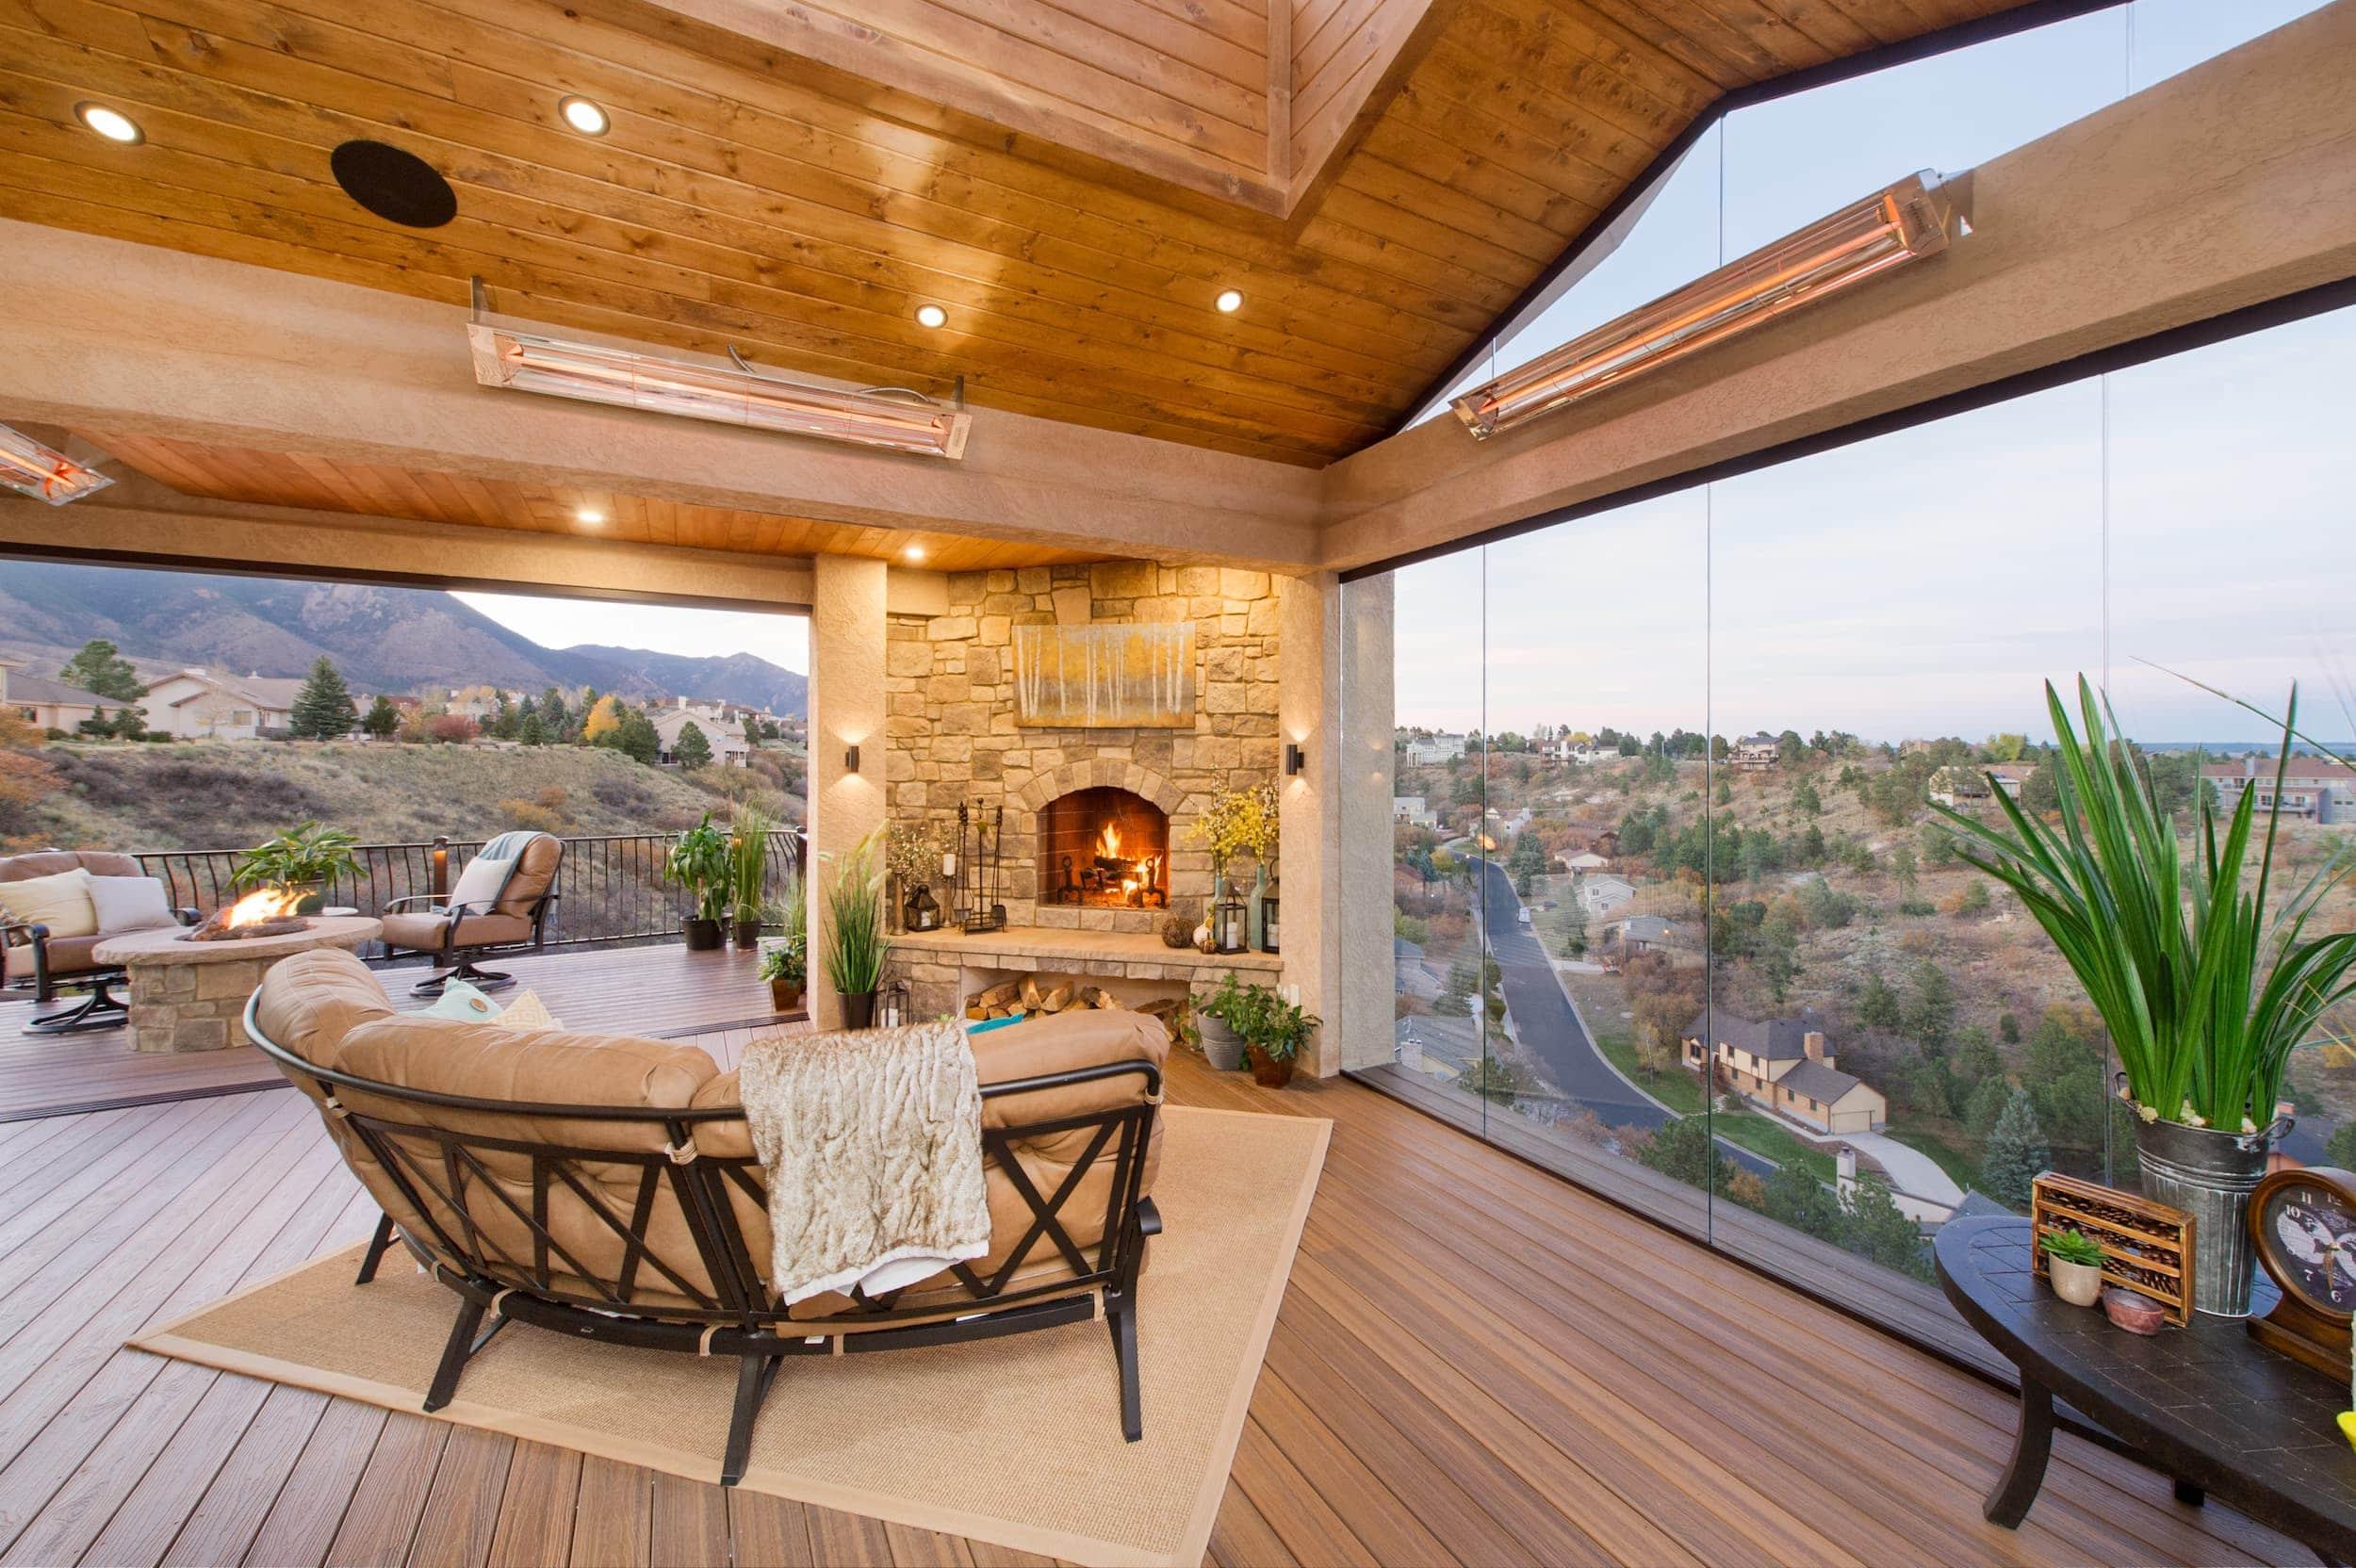 Cliffside Luxury | Deck & Patio Builder in Englewood ... on Luxury Backyard Patios id=26011